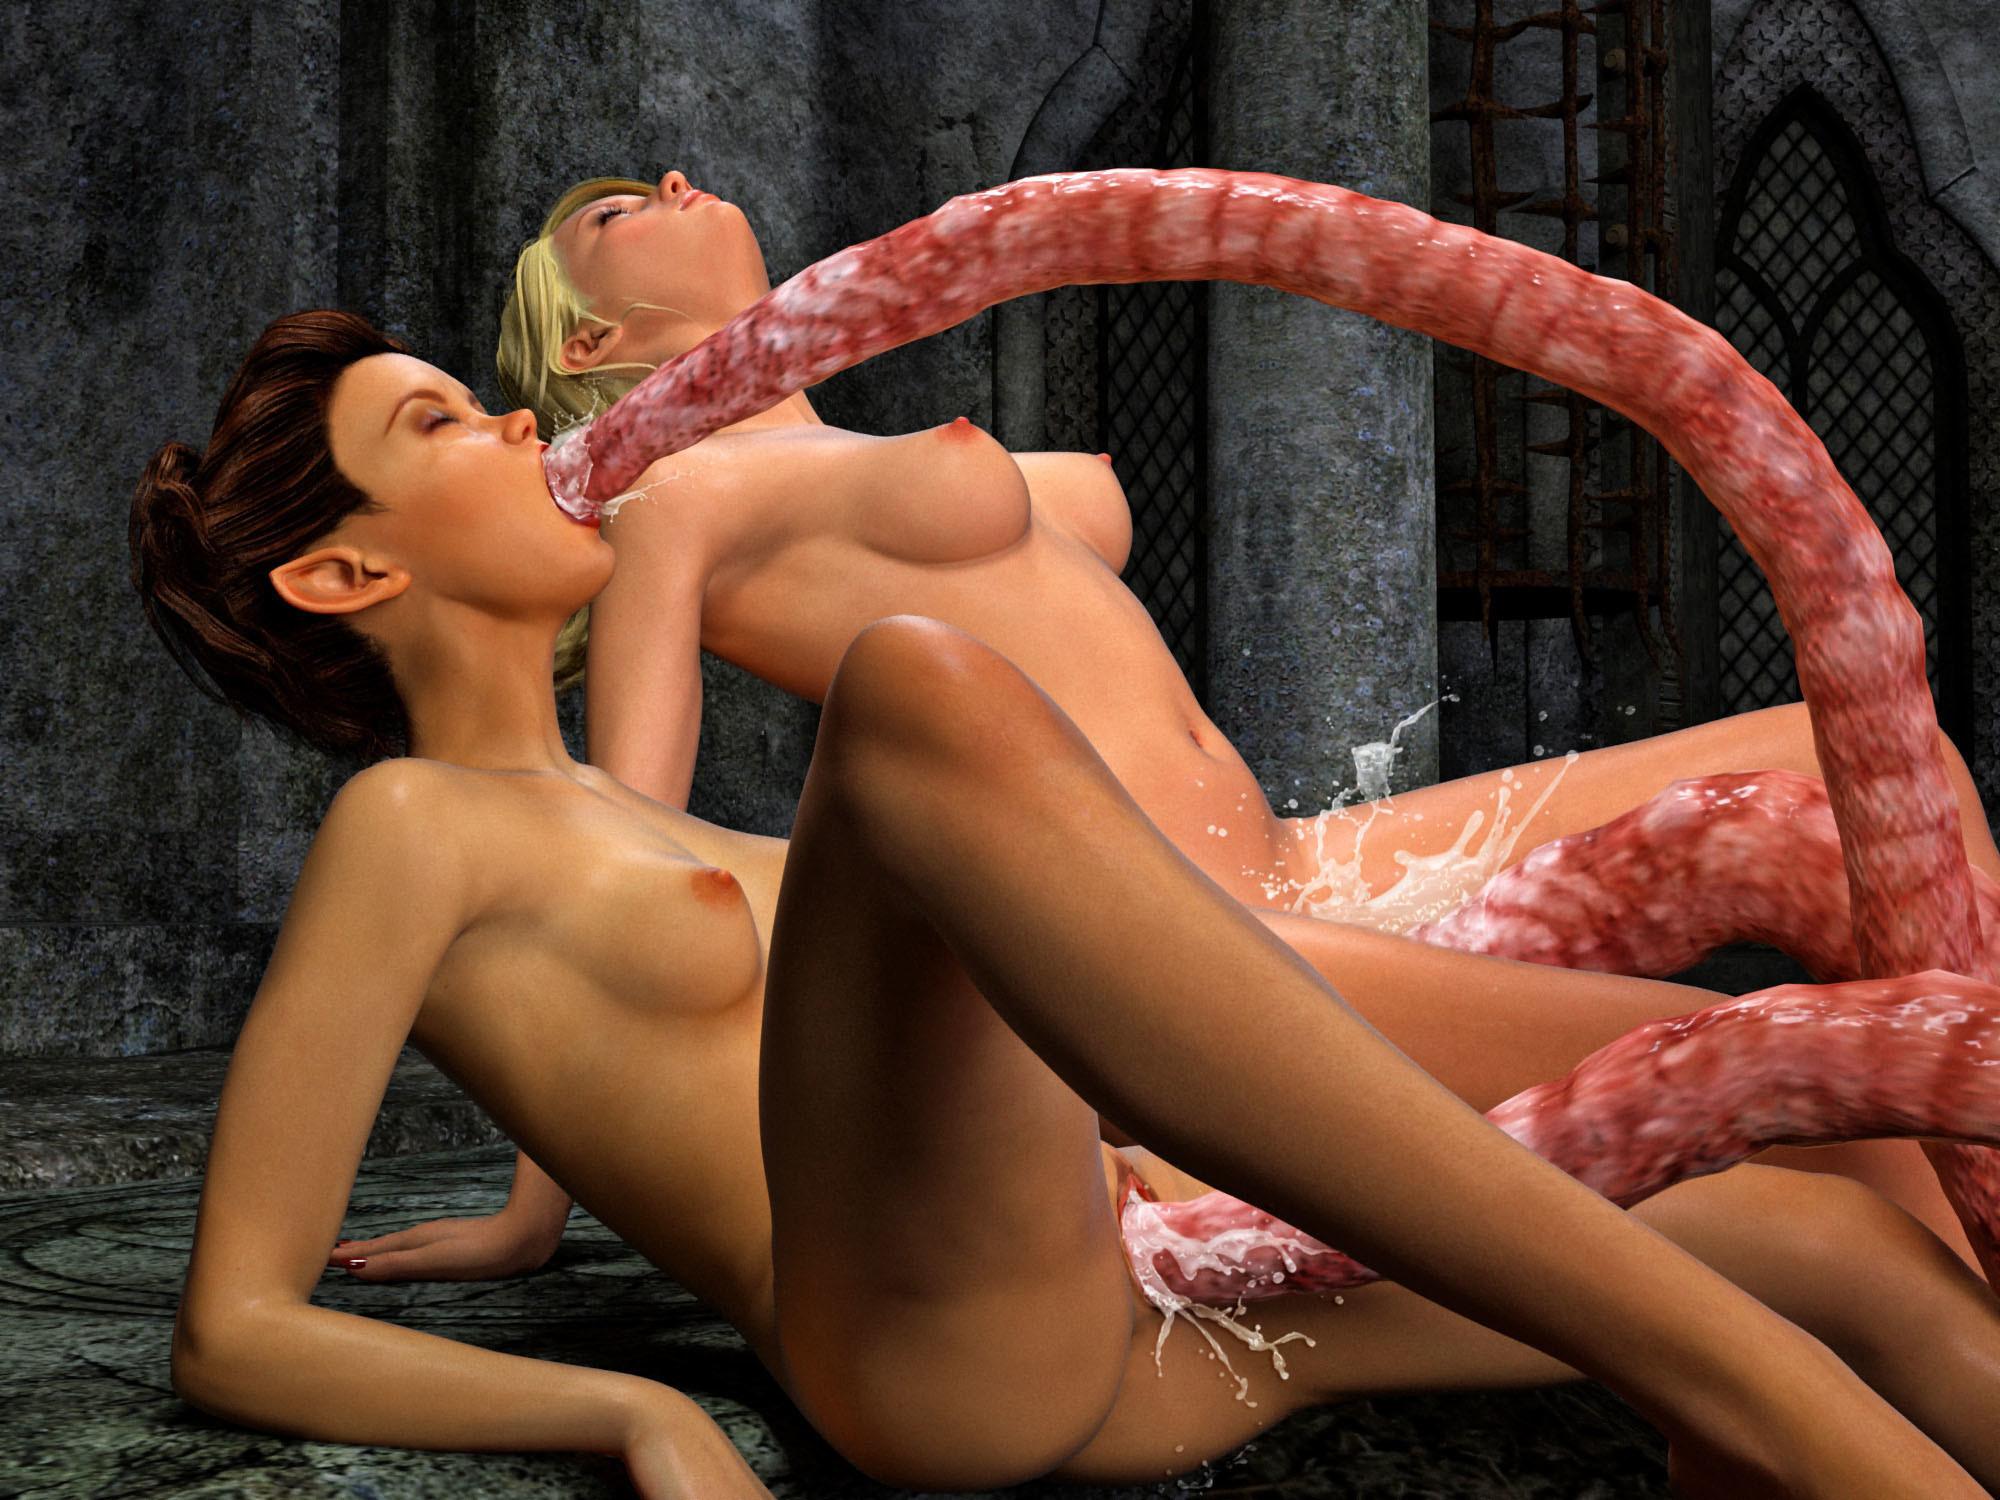 Порно видео ужас — photo 14